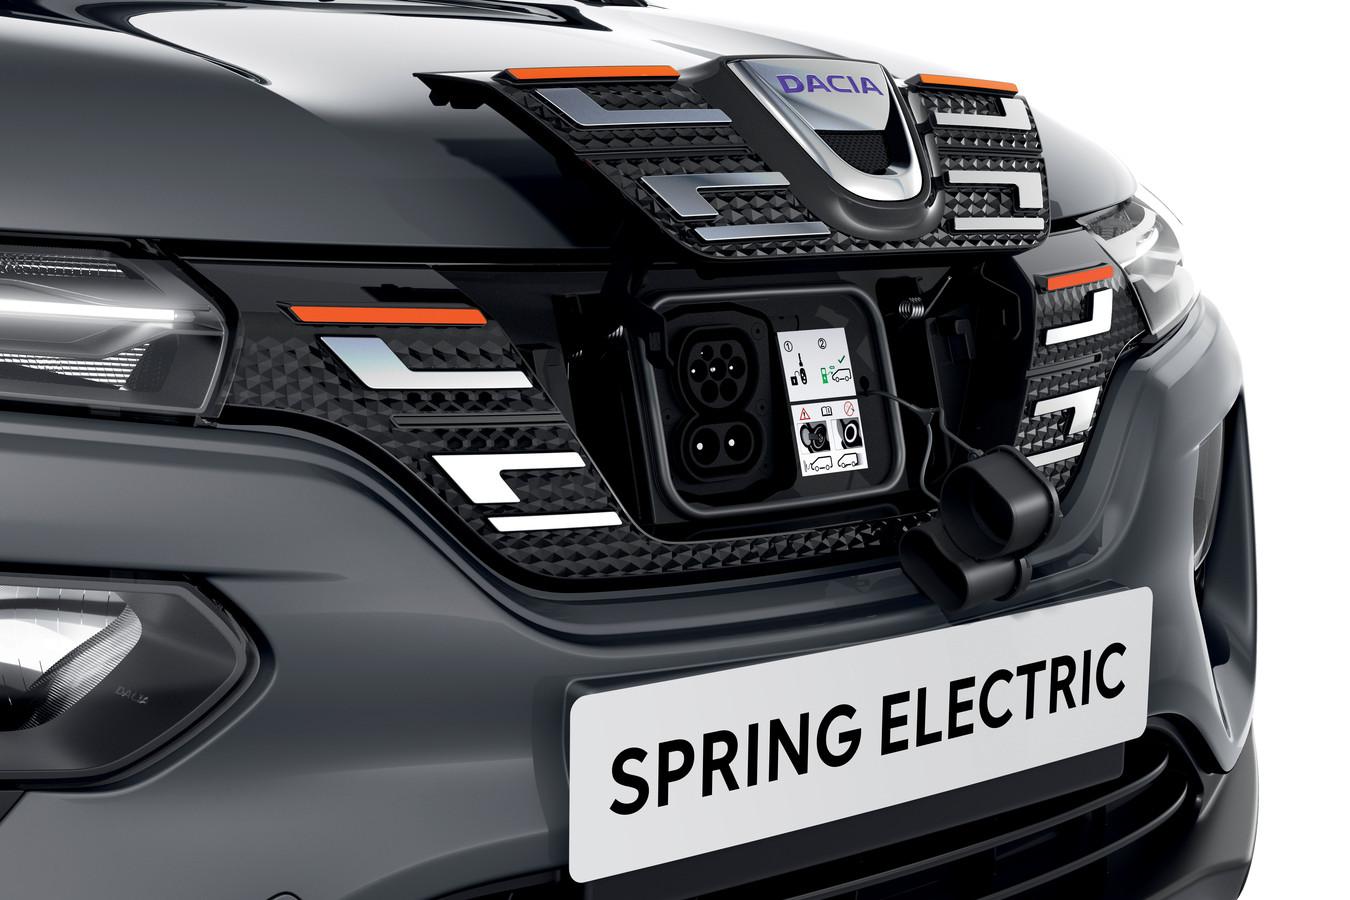 Een DC-snellader (de onderste twee 'laadpuntjes') is optioneel en dan nog laadt de Spring minder snel dan veel andere elektrische auto's.